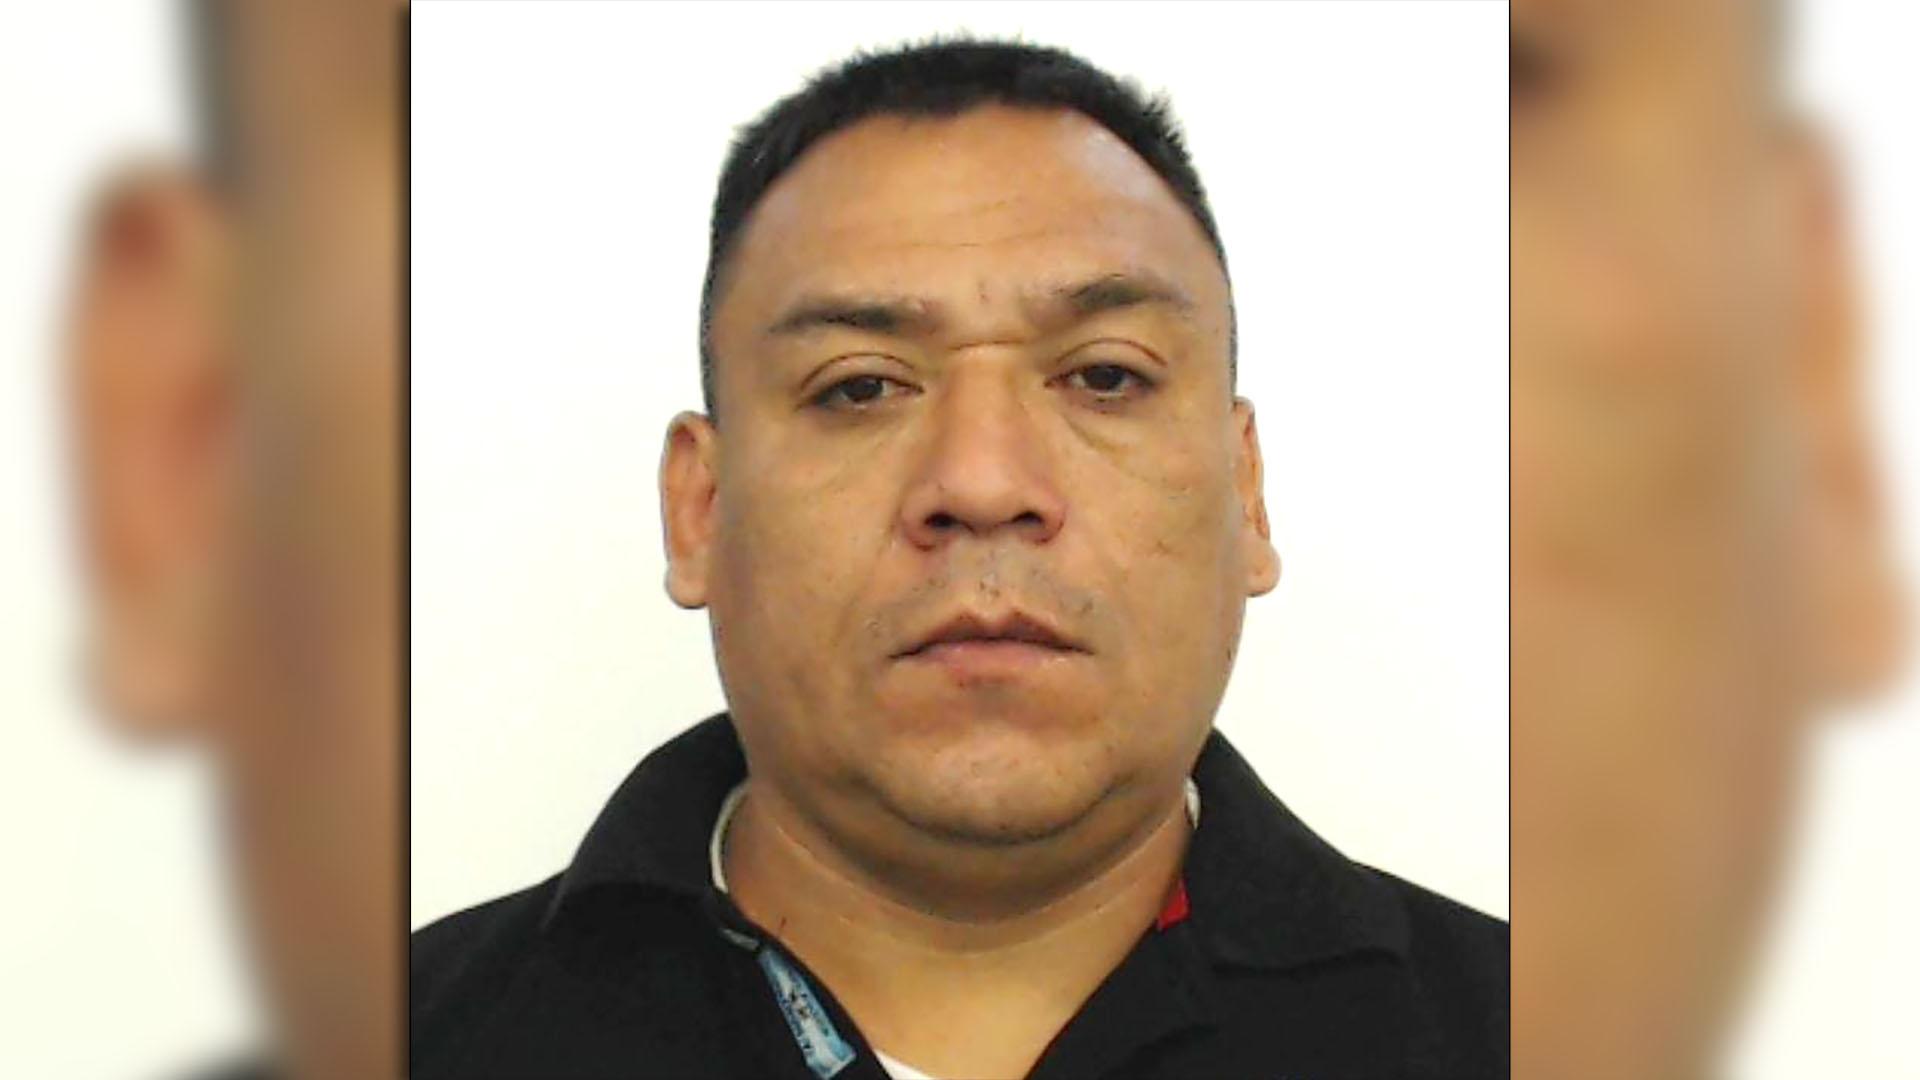 El taxista Luis Alberto Fernández, principal sospechoso del caso.